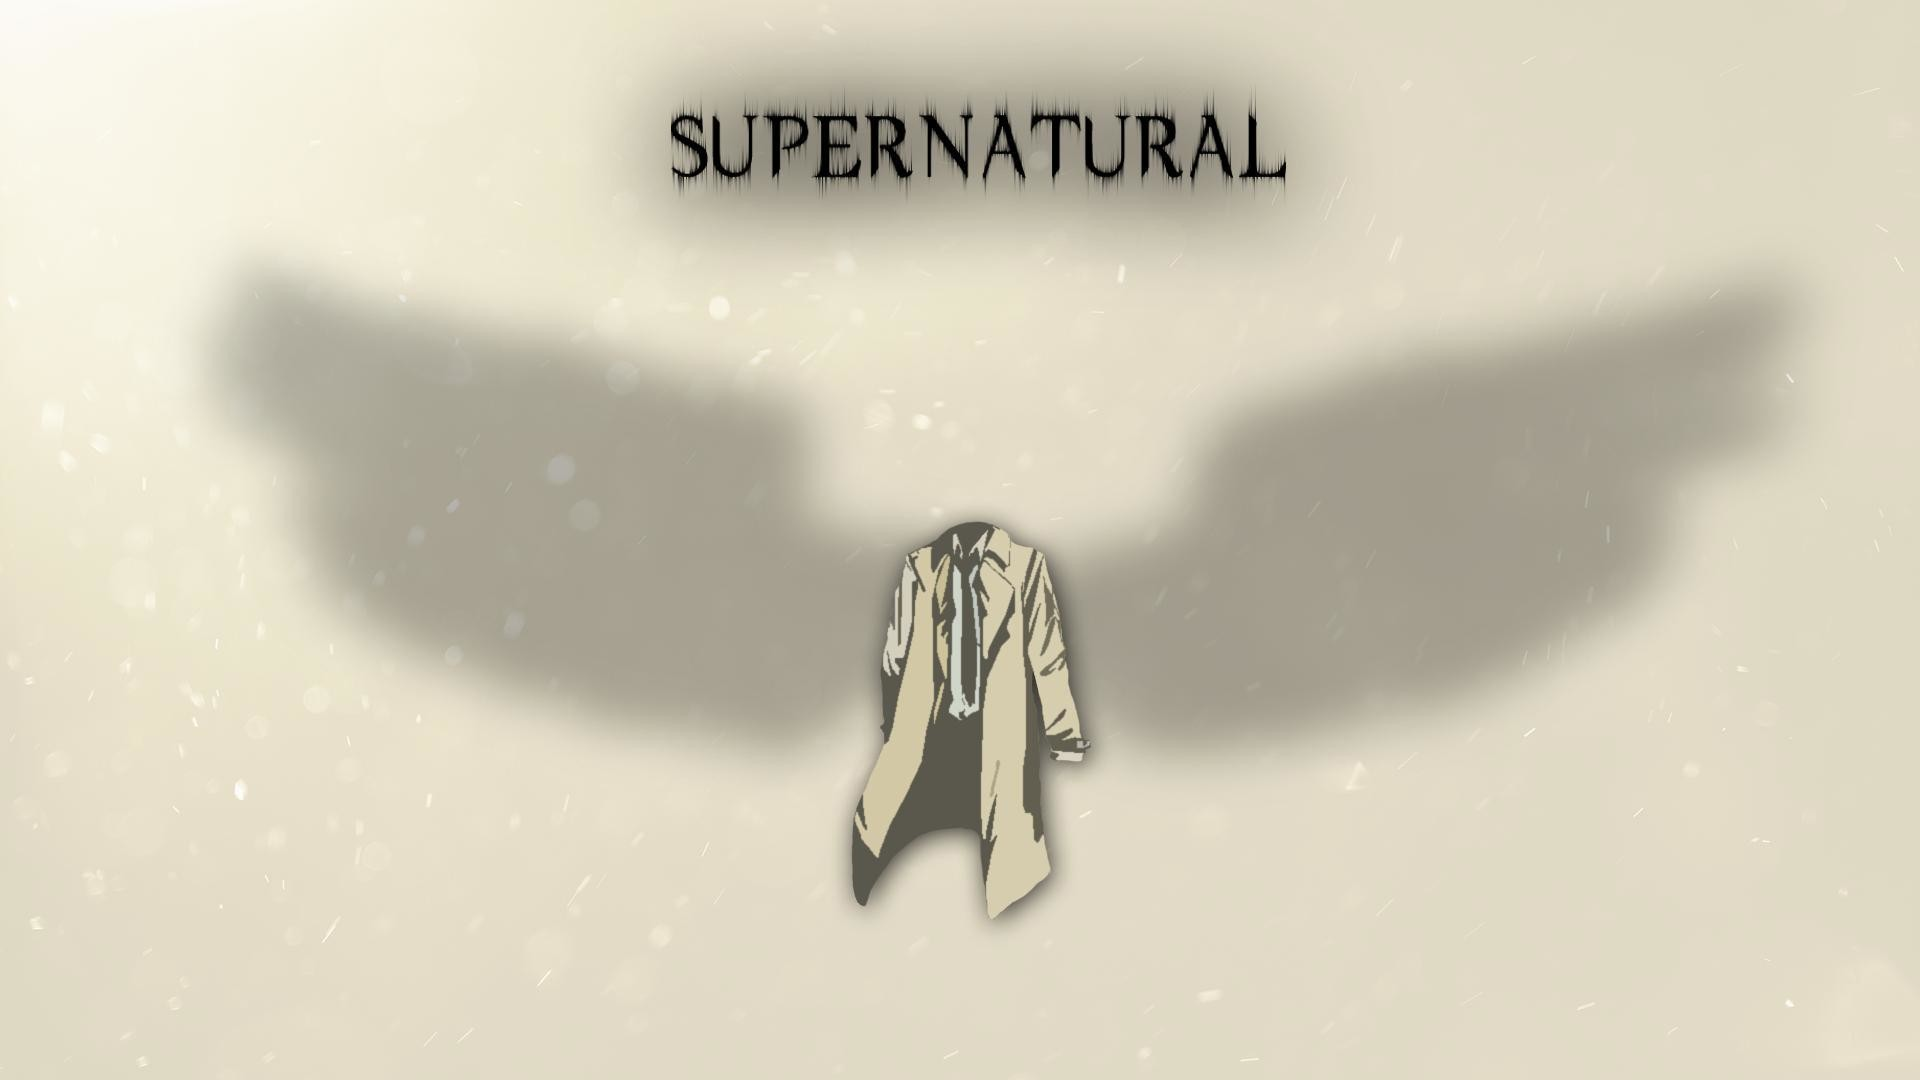 Castiel-Supernatural-Iphone-Wallpaper-Download-Free